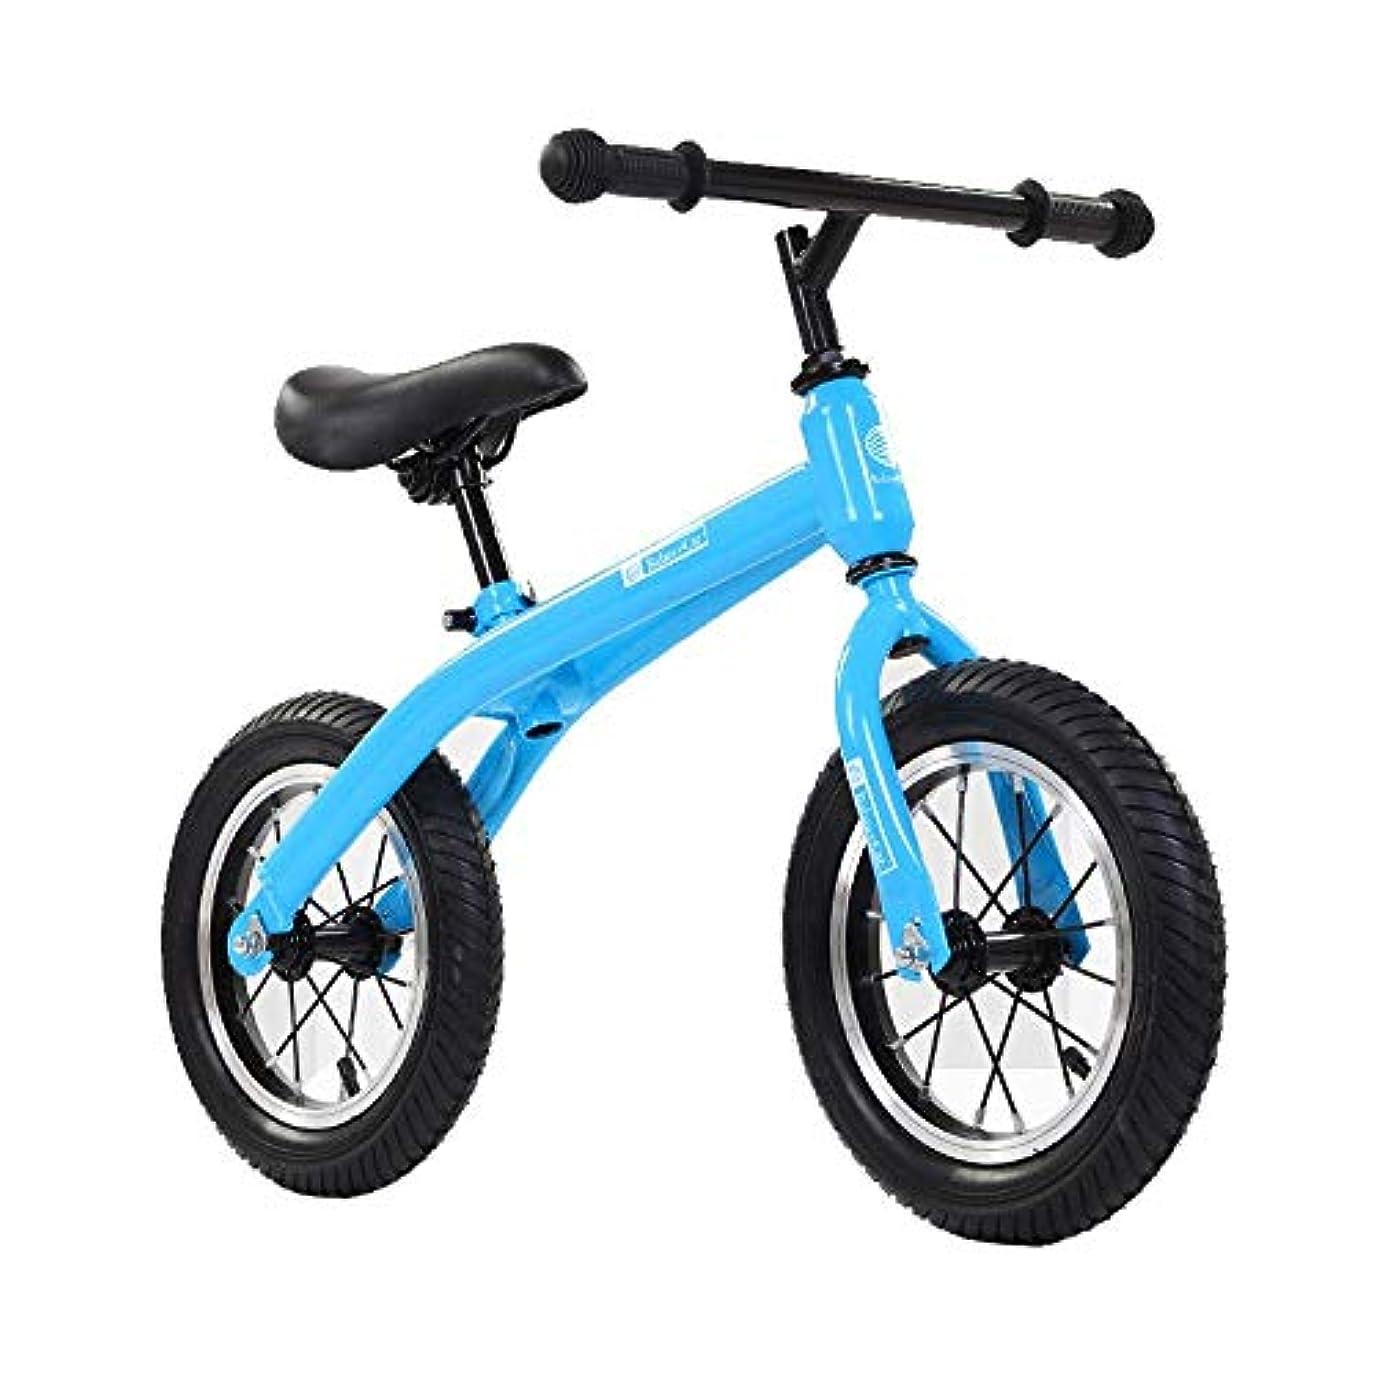 見つけた違反歩行者子ども用自転車自転車 折りたたみ自転車 2,3,4,5,6歳のバランスバイクトレーニング、子供用幼児調節可能なペダルなし歩行練習カーボンスチールブルー ライト 自転車